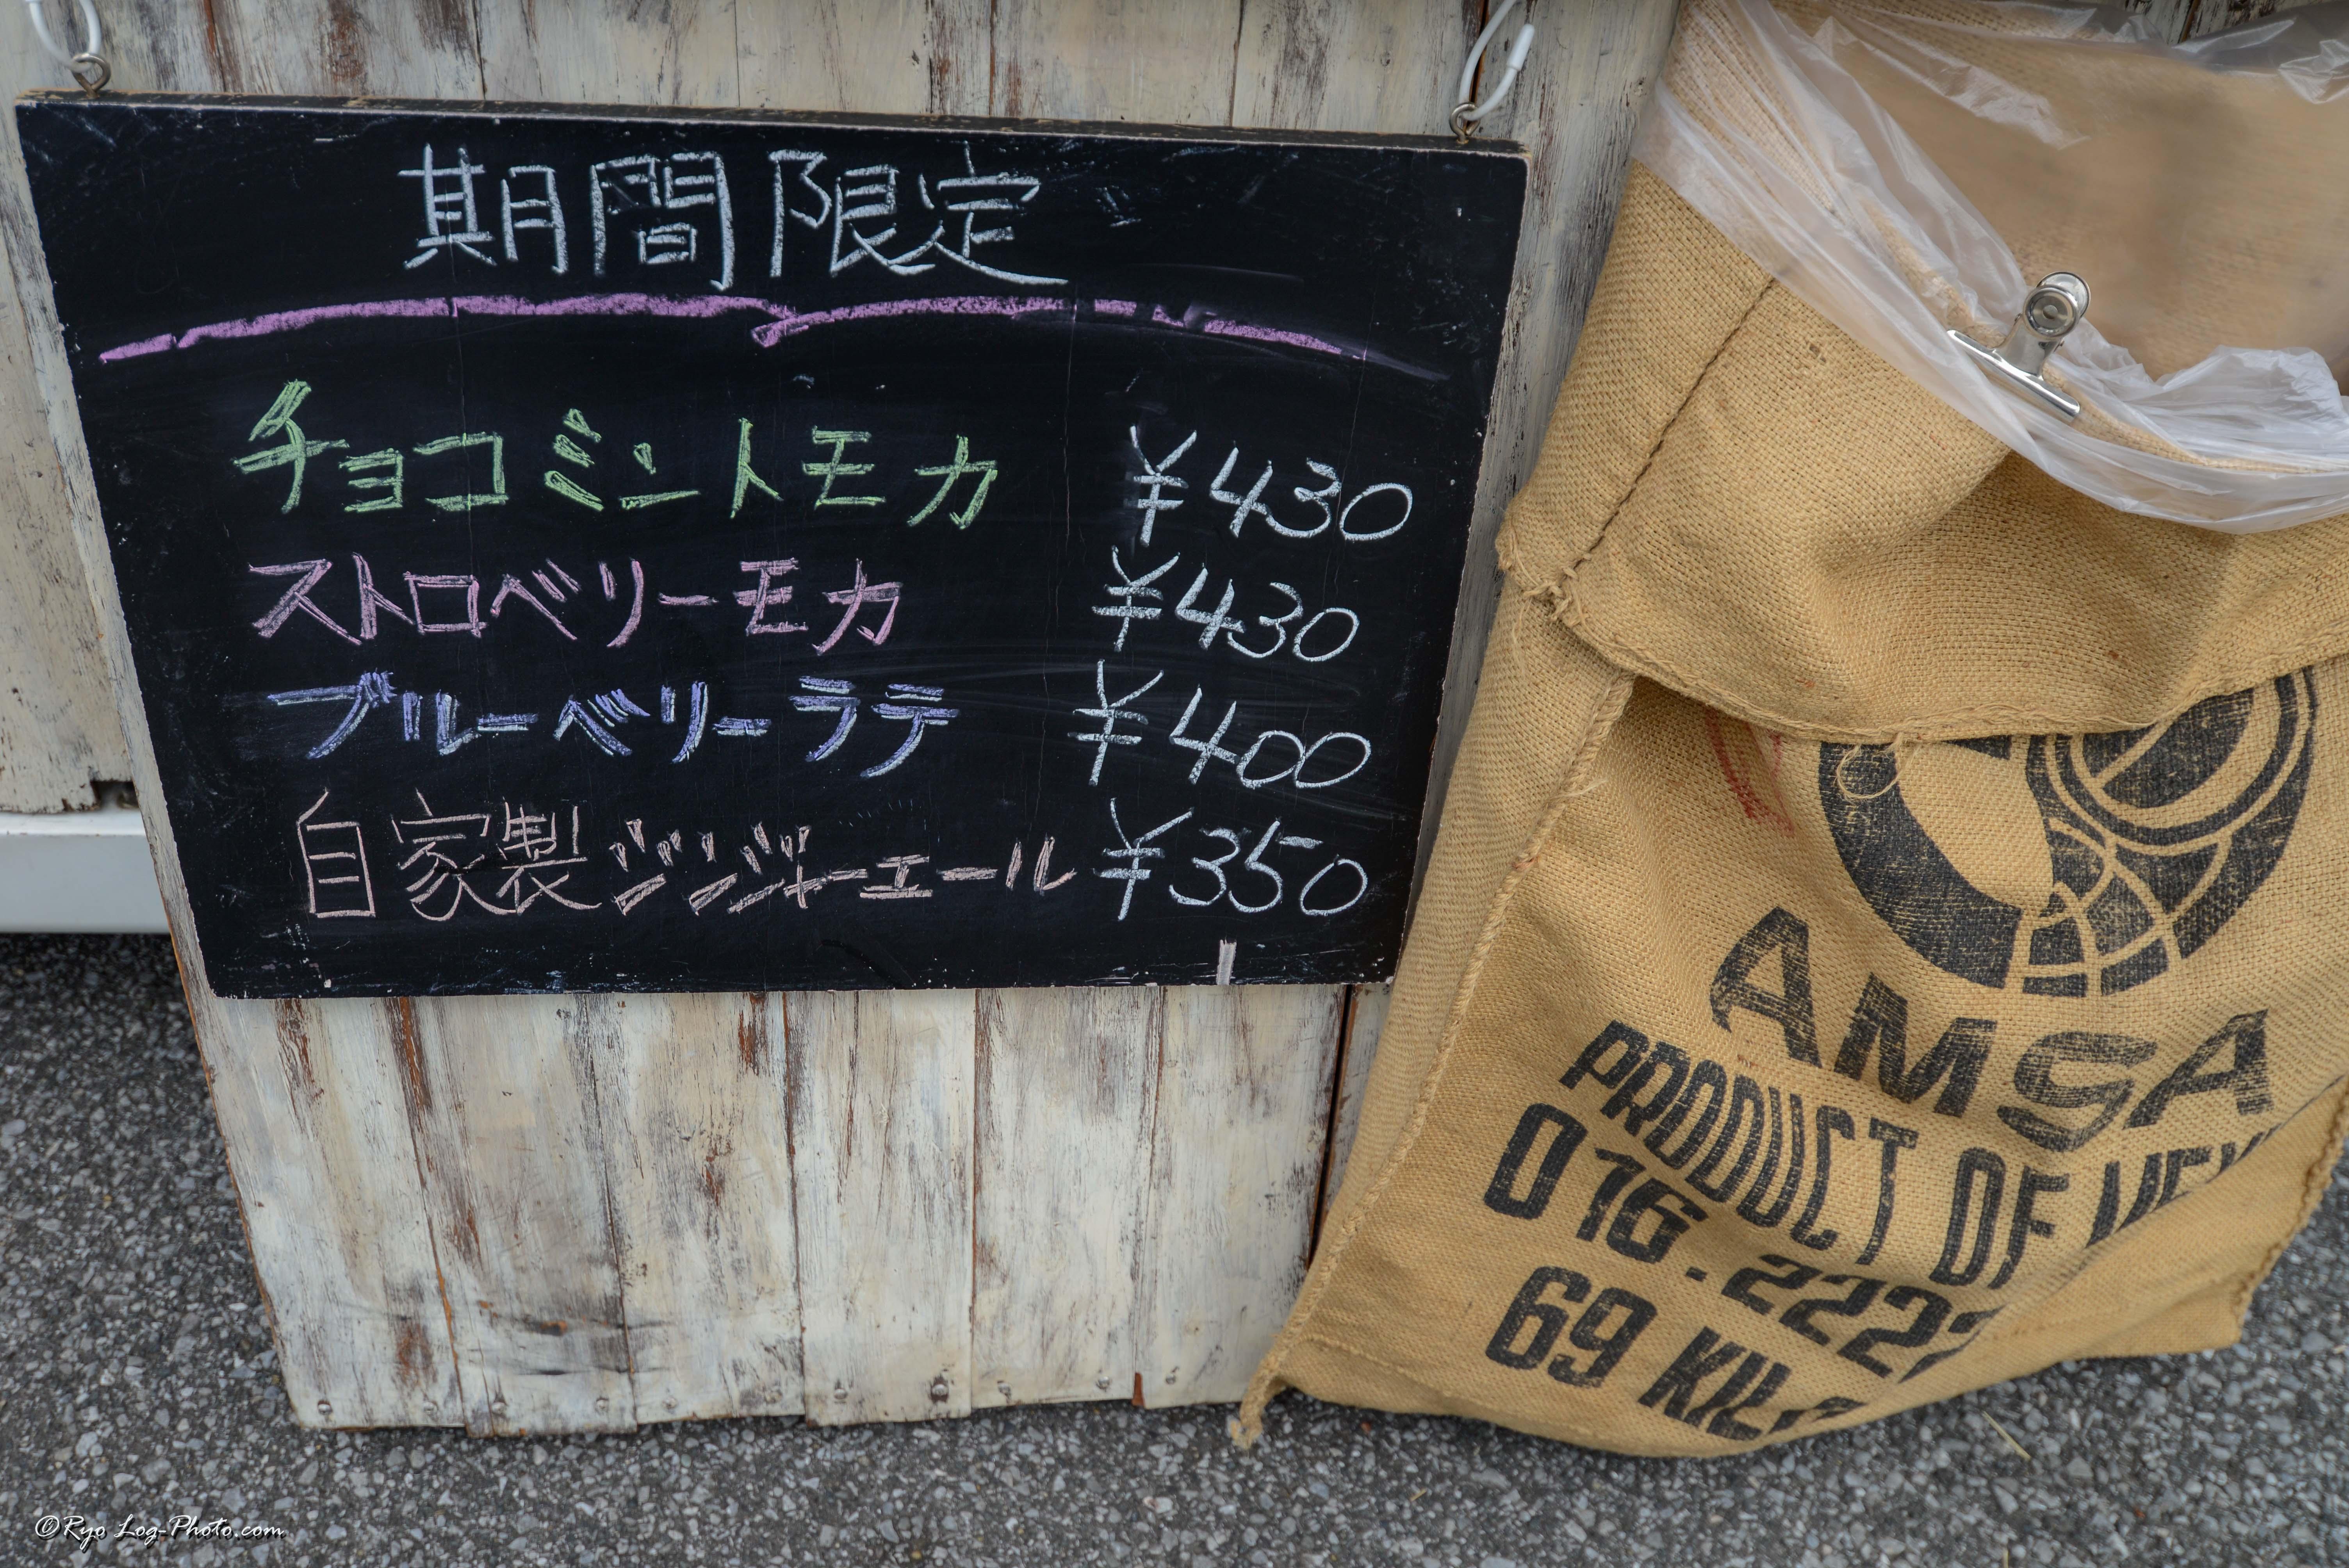 旅をする木 君津 コーヒー 久留里 田舎カフェ